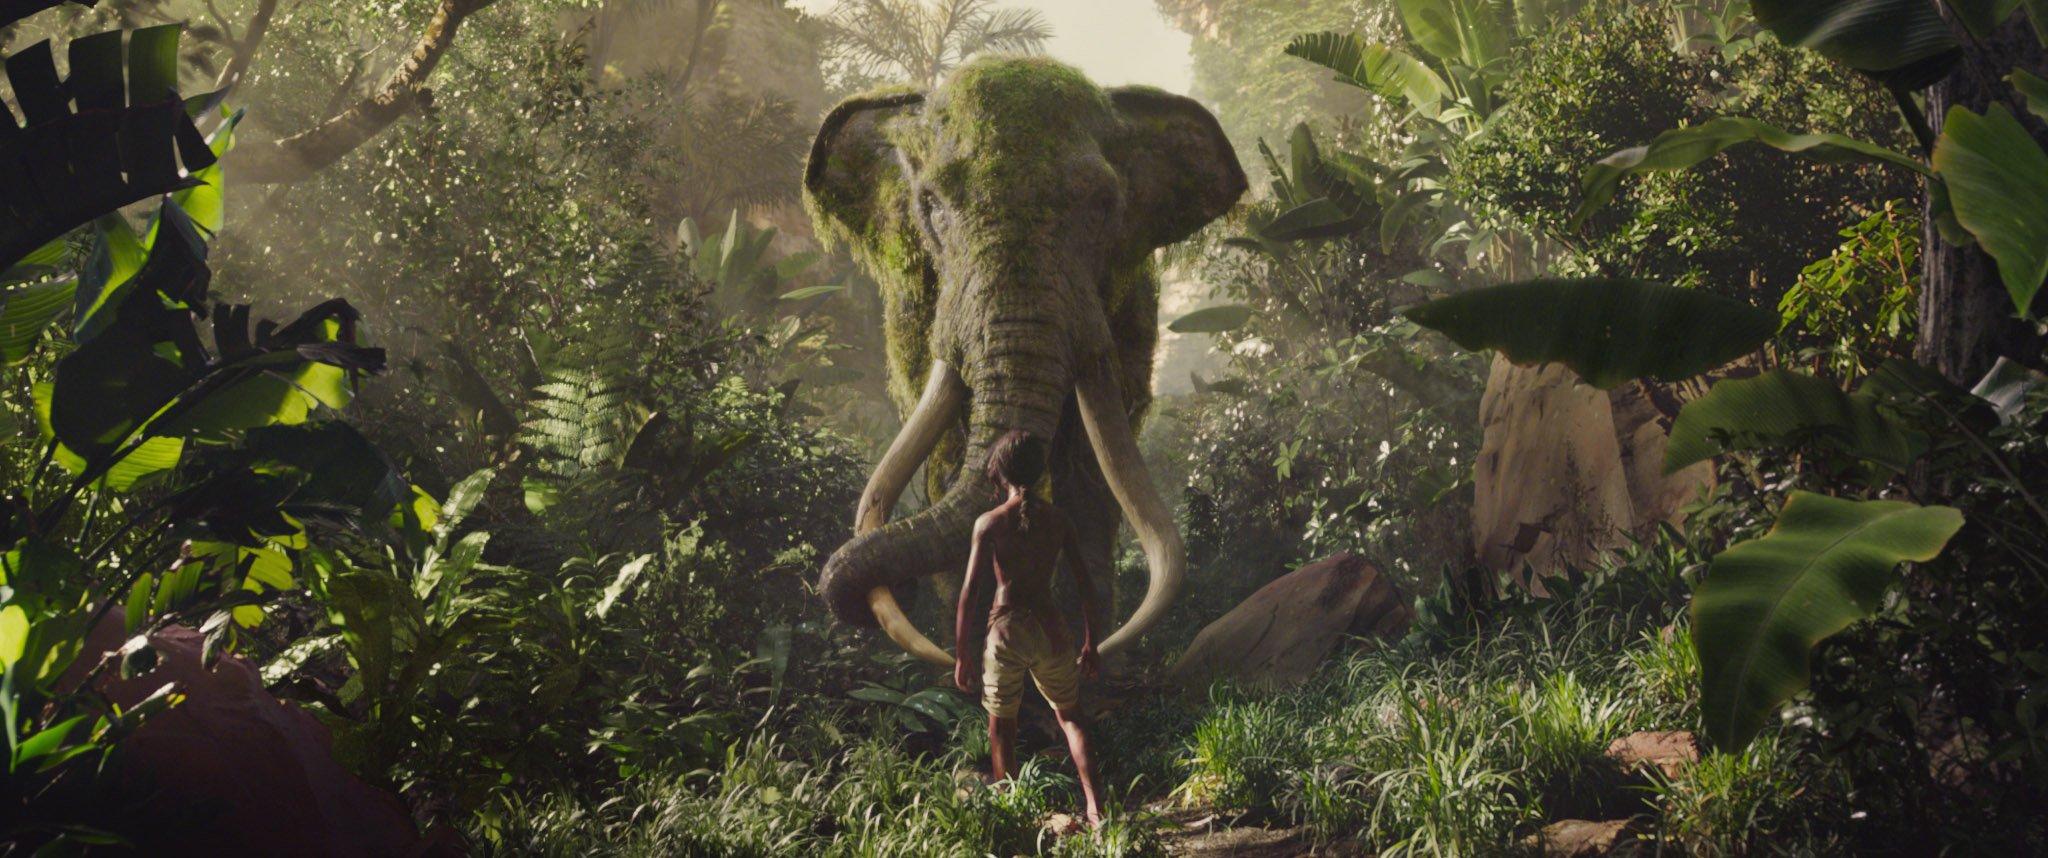 Mowgli: une première bande-annonce pour film film d'Andy Serkis